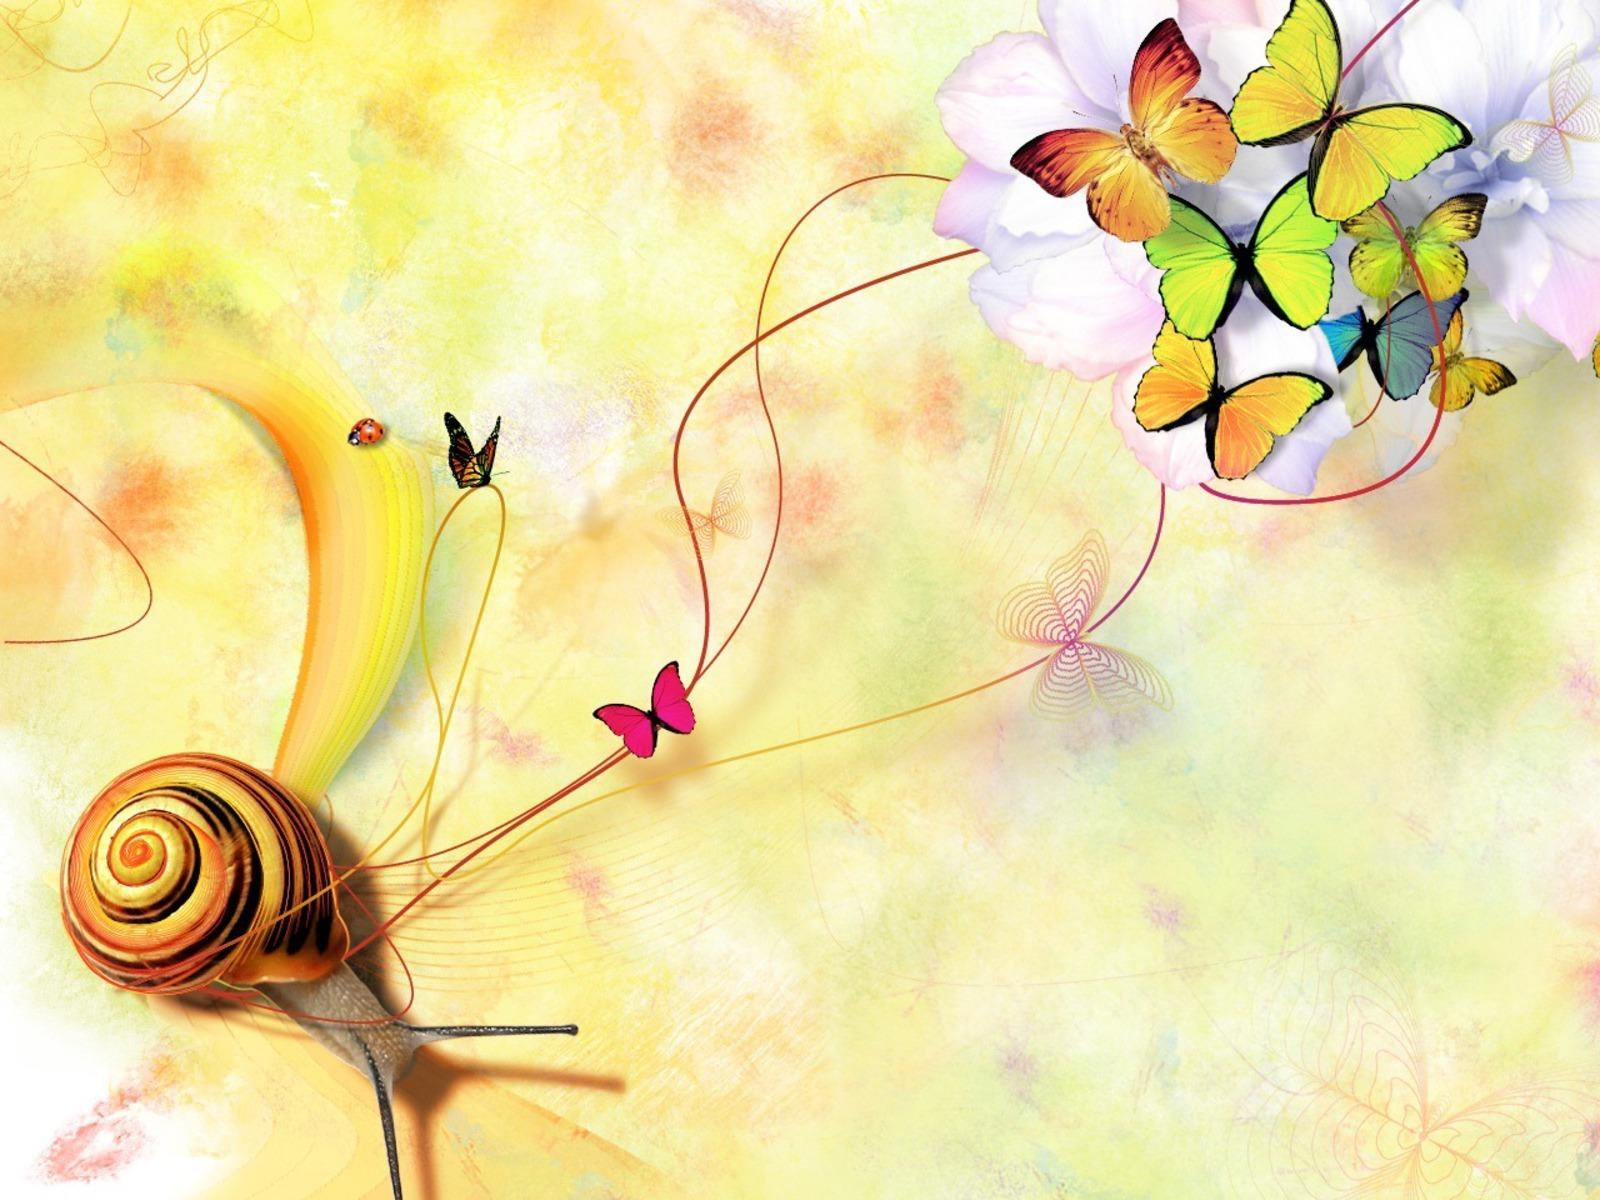 Beautiful Butterflies   Butterflies Wallpaper 9481993 1600x1200